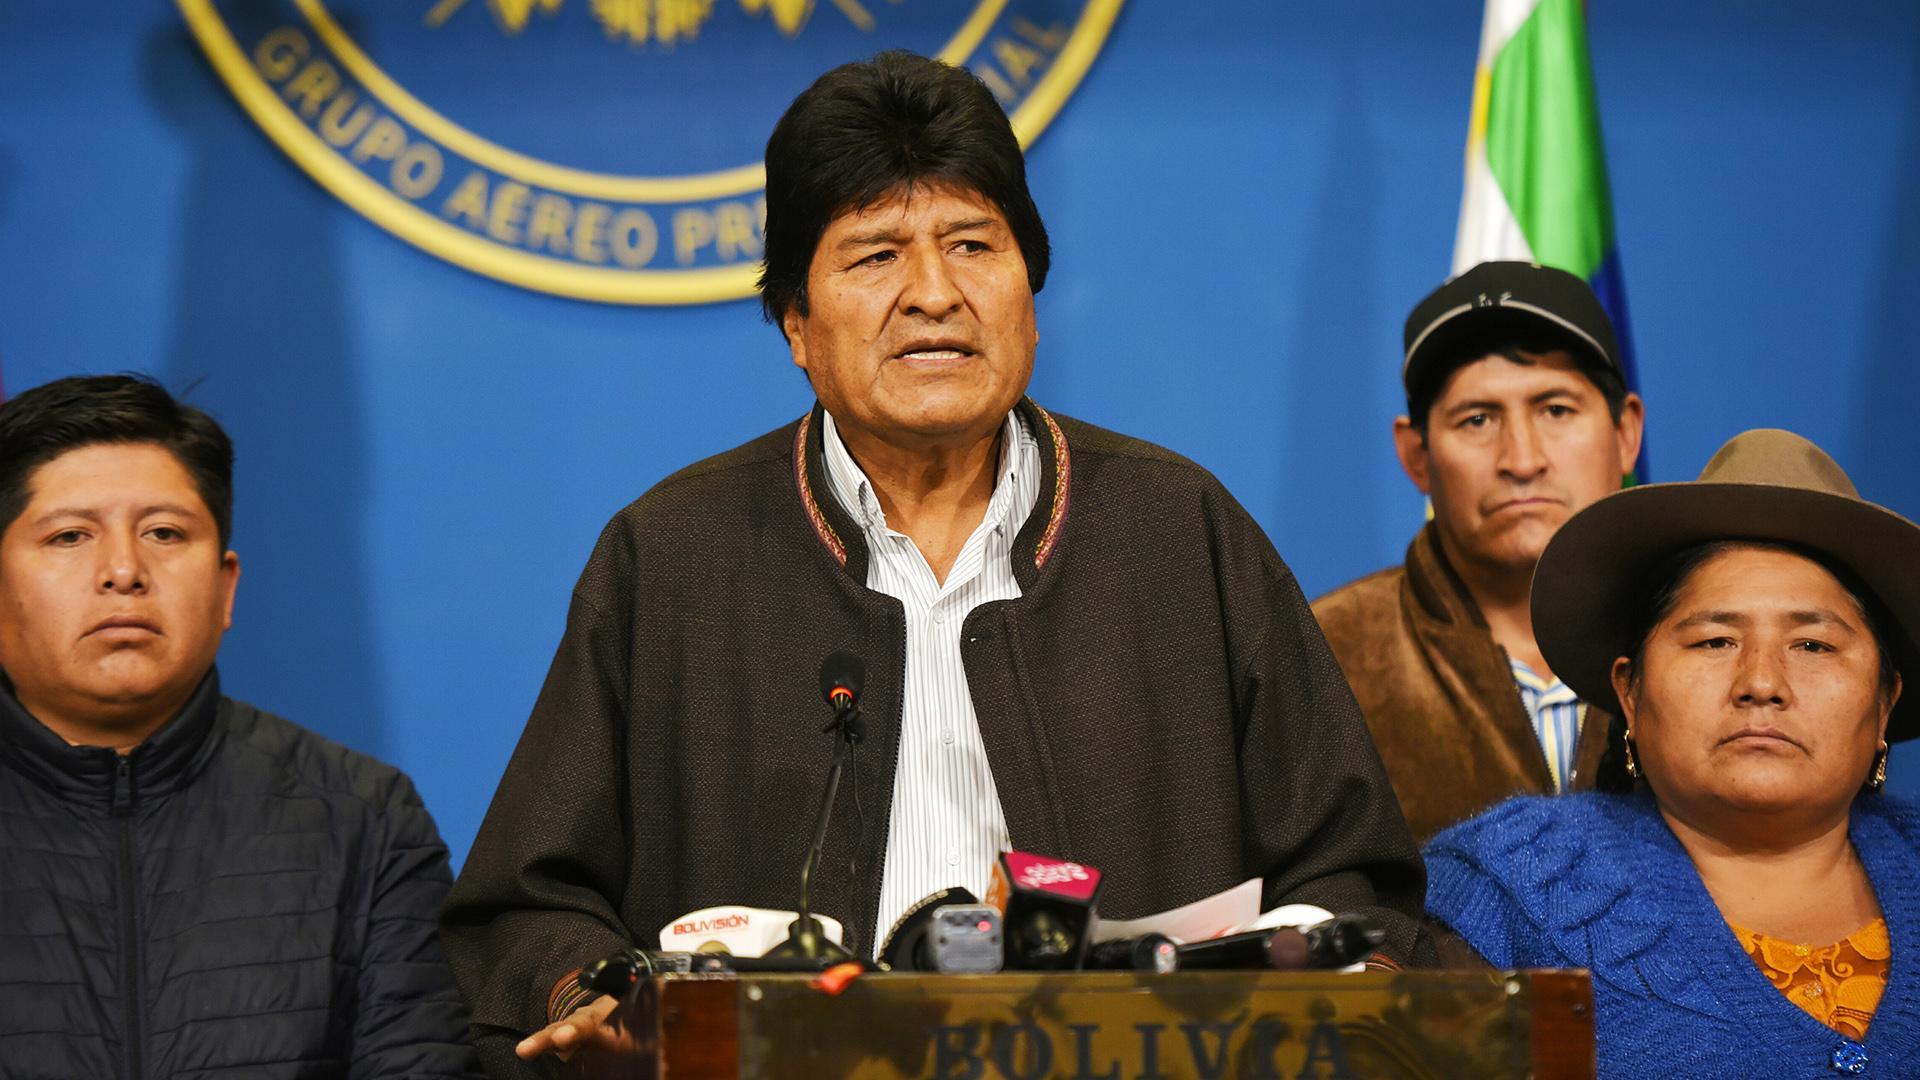 До чего довел Боливию Эво Моралес? Боливии, Моралес, стране, голосов, после, президентских, которые, национализации, данным, который, выборах, этого, государства, президентом, инвестиции, Repsol, Total, истории, быстро, страны